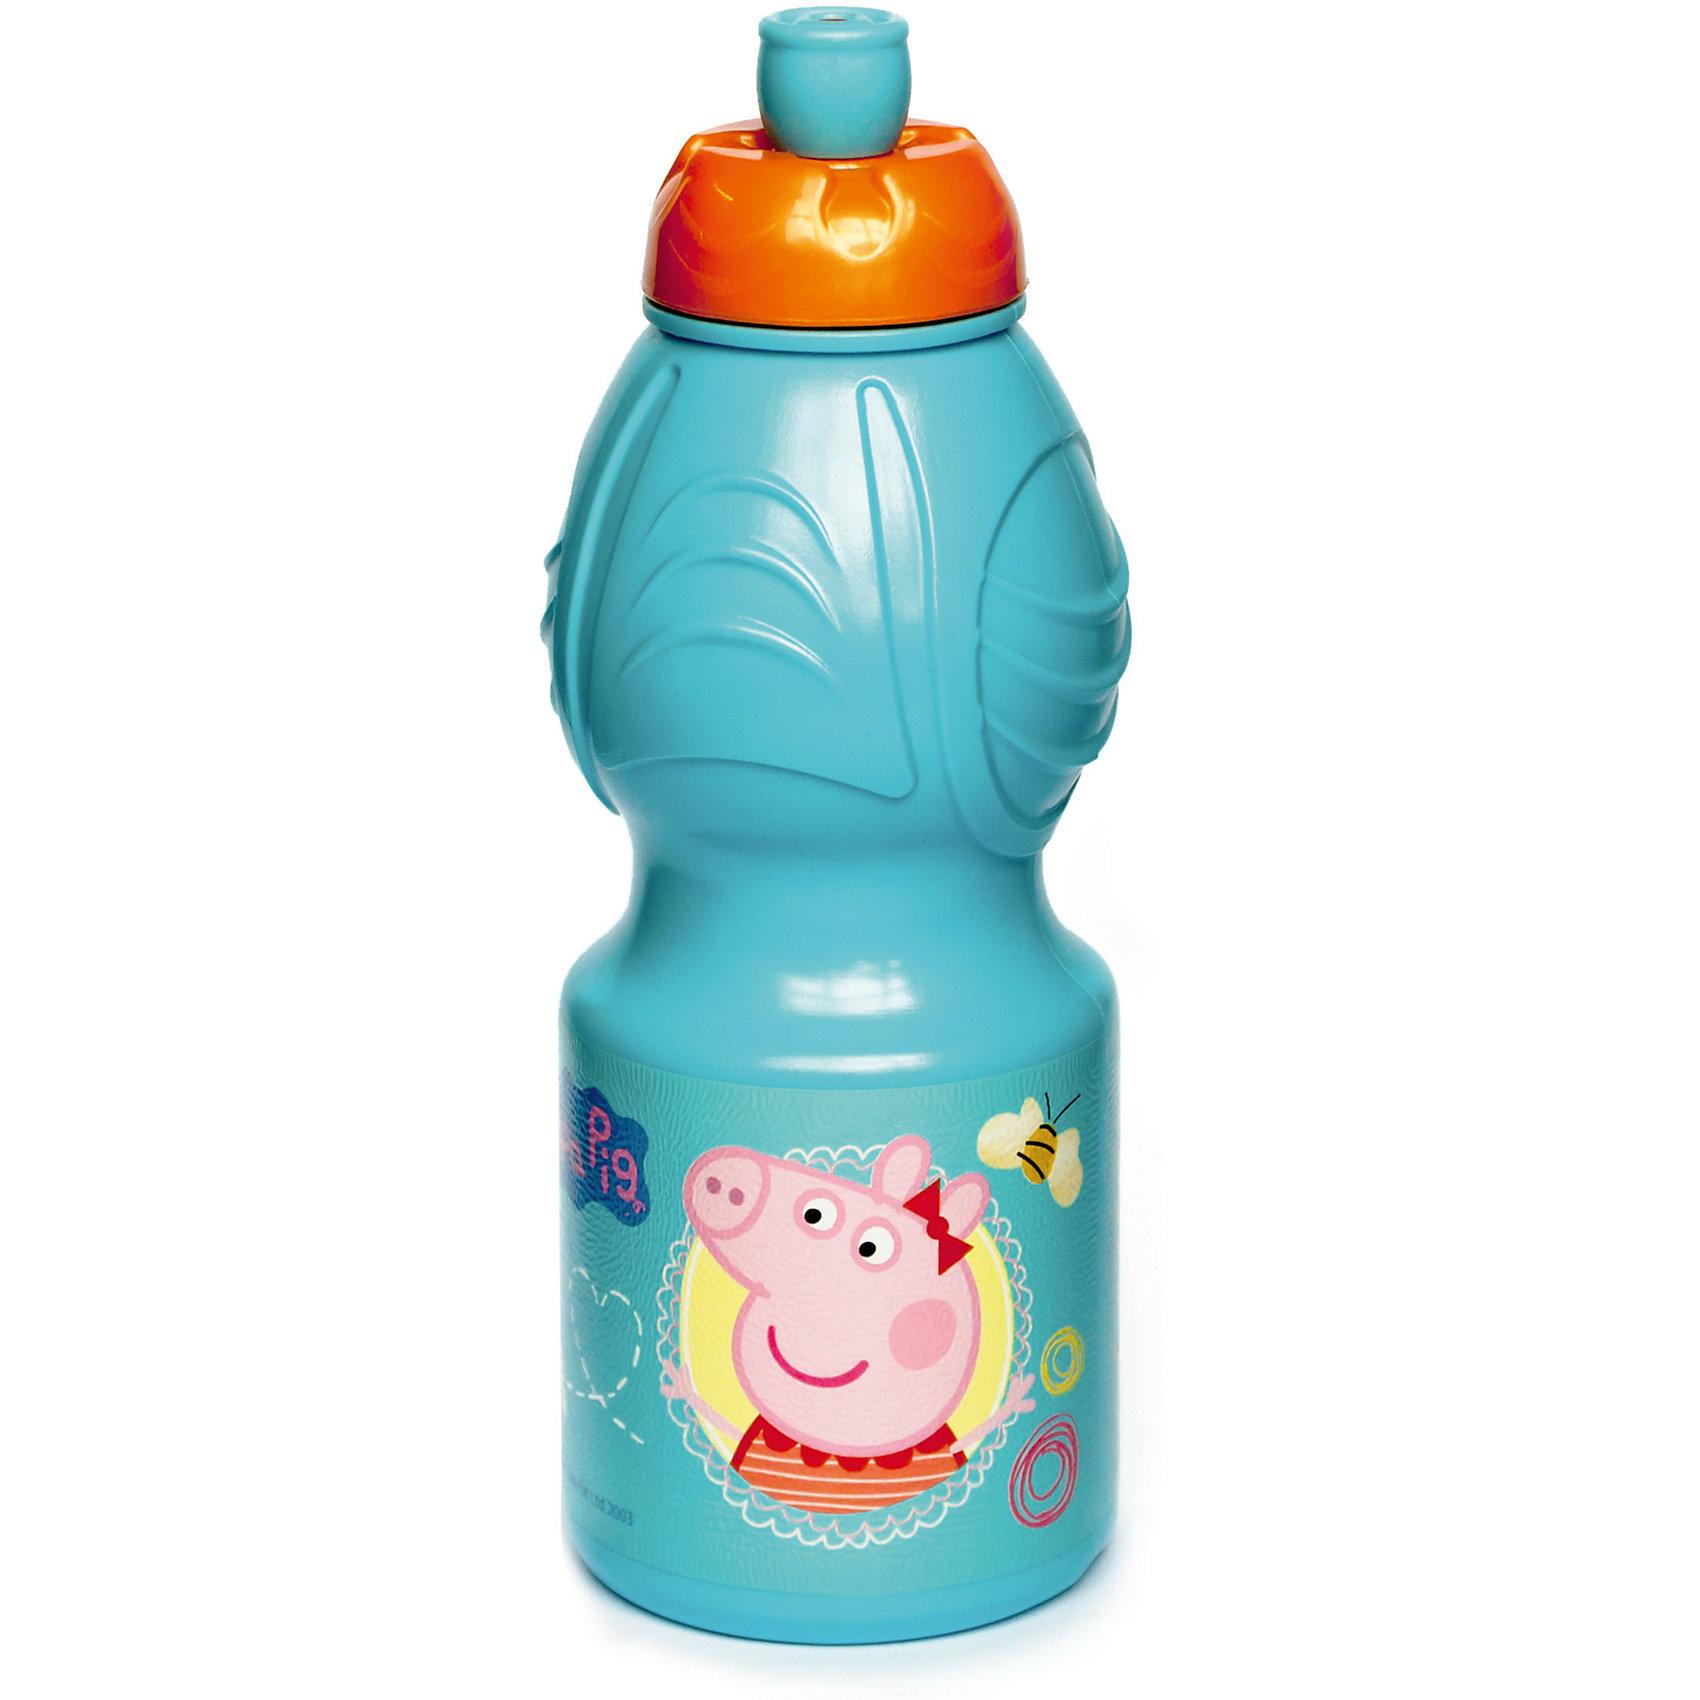 Бутылка пластиковая 400 мл., Свинка ПеппаБутылки для воды и бутербродницы<br>Характеристики:<br><br>• возраст: от 3 лет;<br>• цвет: разноцветная, с иллюстрацией;<br>• объем: 400 мл.;<br>• дополнительные опции: с поильником;<br>• материал: пищевой пластик;<br>• высота бутылки: 18 см; <br>• ширина бутылки: 6,5 см;<br>• вес: 50 г.<br>   <br>Красочная спортивная бутылочка для детей изготовлена из пищевого пластика. Горлышко снабжено специальным выдвижным поильником. Бутылка имеет суженую к середине форму, удобную для детской руки.<br><br>Бутылка легко помещается в спортивную сумку, рюкзак или велосипедный держатель. Можно использовать с любыми видами пищевых жидкостей.<br><br>На бутылочке изображены любимые детские персонажи. <br><br>Бутылку пластиковую 400 мл.,Свинка Пеппа, Stor можно приобрести в нашем интернет-магазине.<br><br>Ширина мм: 65<br>Глубина мм: 65<br>Высота мм: 180<br>Вес г: 52<br>Возраст от месяцев: 36<br>Возраст до месяцев: 2147483647<br>Пол: Унисекс<br>Возраст: Детский<br>SKU: 7010323